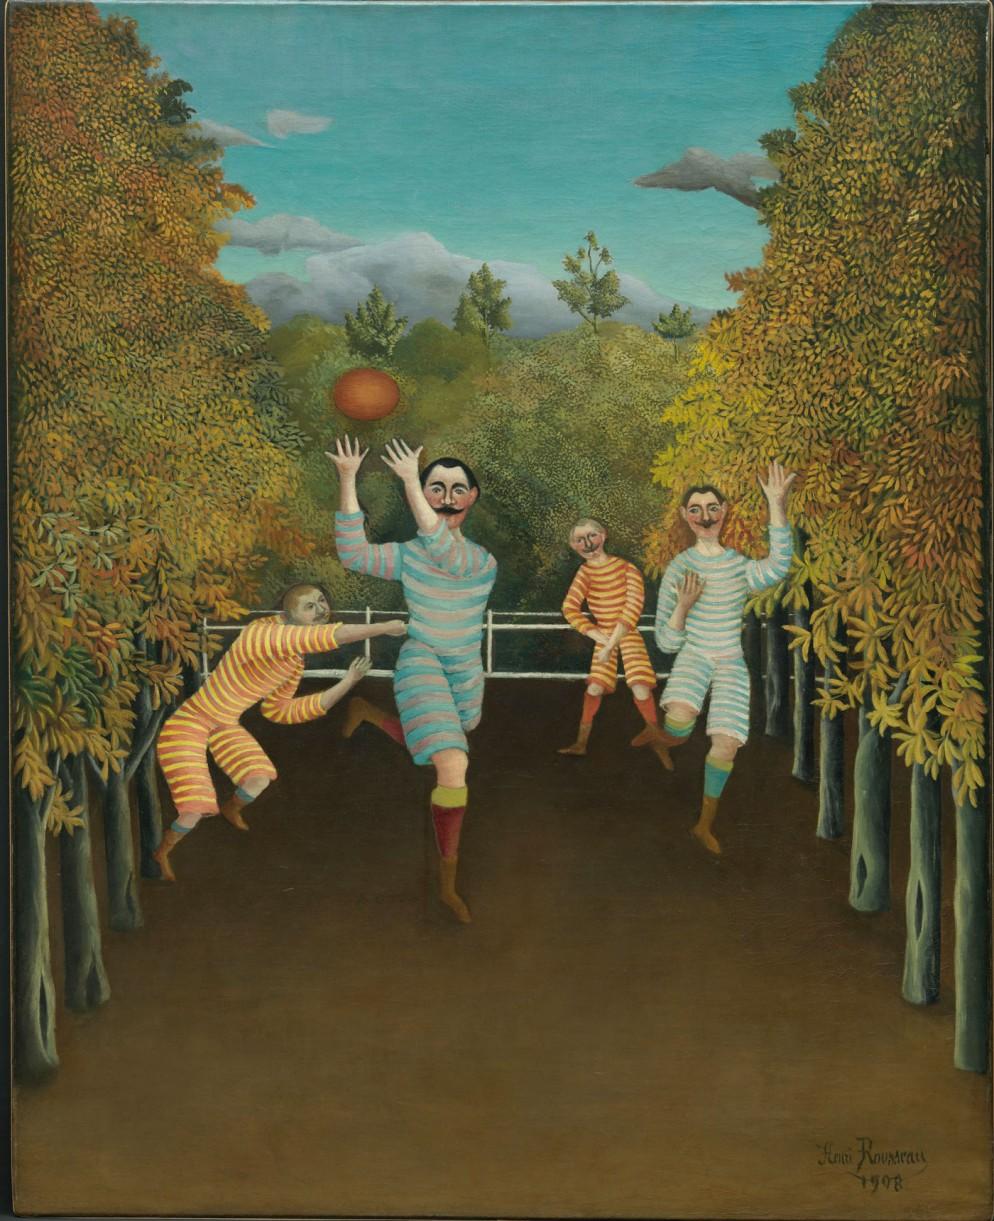 mostre-vacanze-natale-Rousseau-I-giocatori-di-football